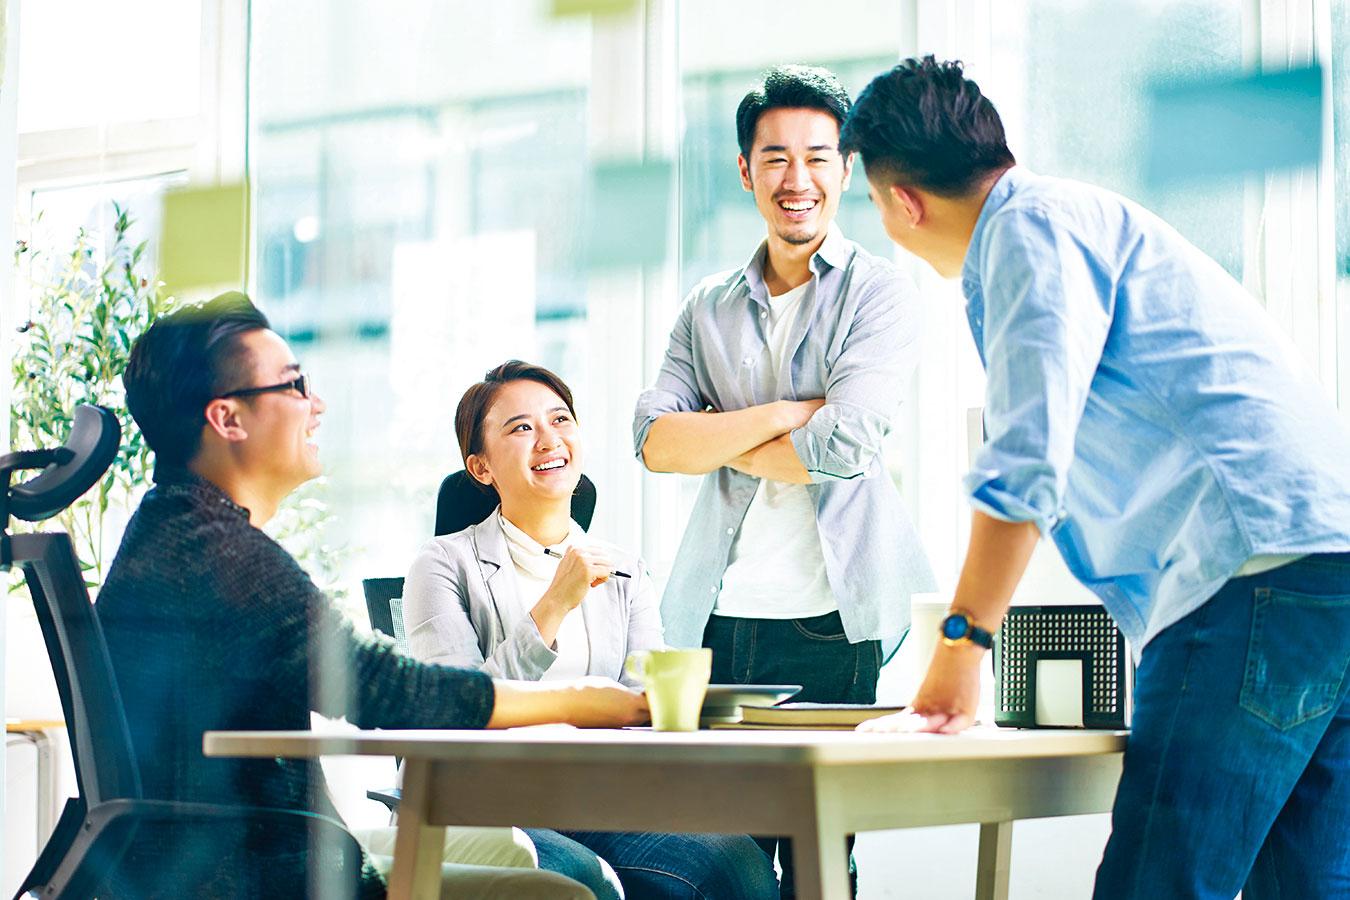 選擇全心投入工作的人,同事可能會成為相處時間最多的夥伴。